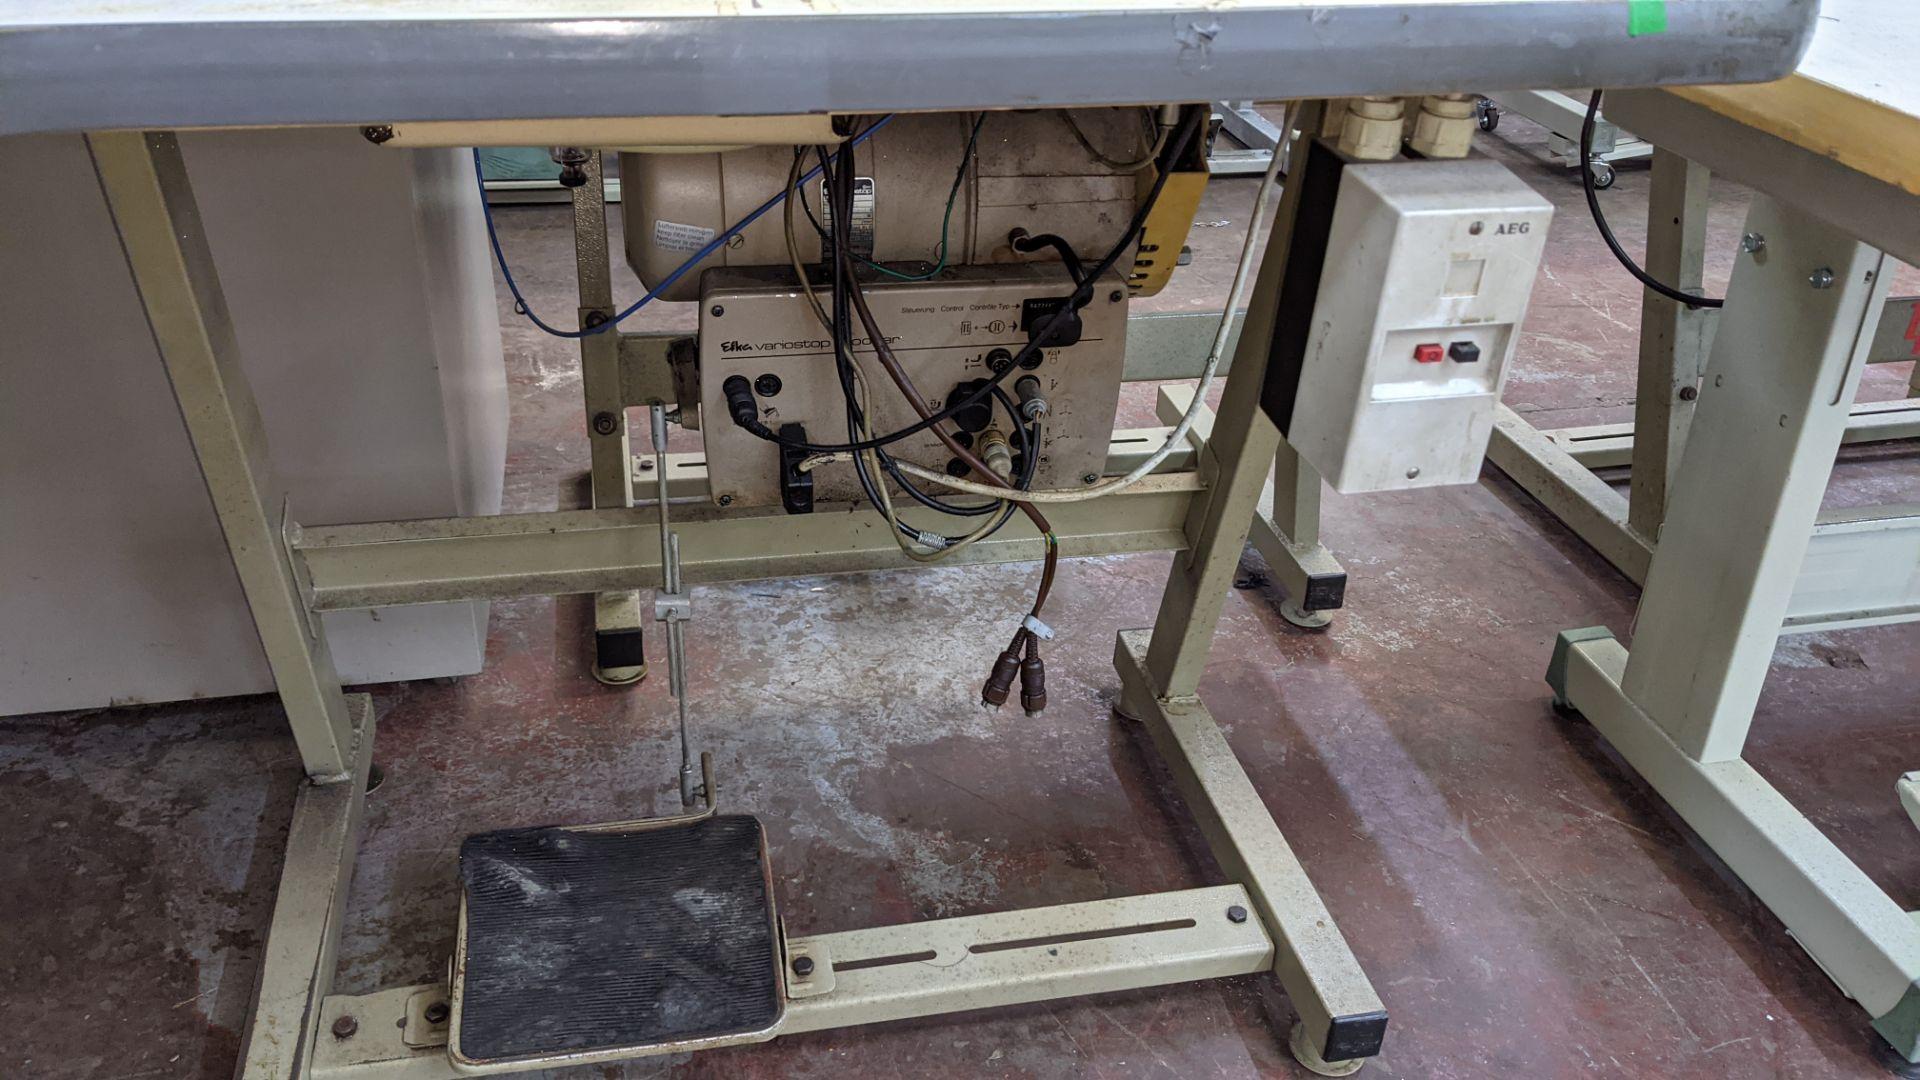 Pfaff model 563 sewing machine with Efka modular V720 digital controller - Image 12 of 13